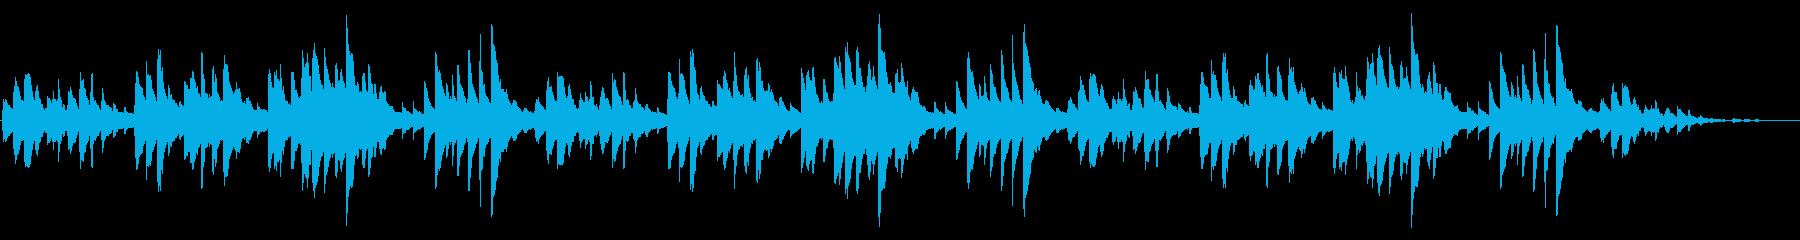 童謡「ふるさと」シンプルなピアノソロの再生済みの波形